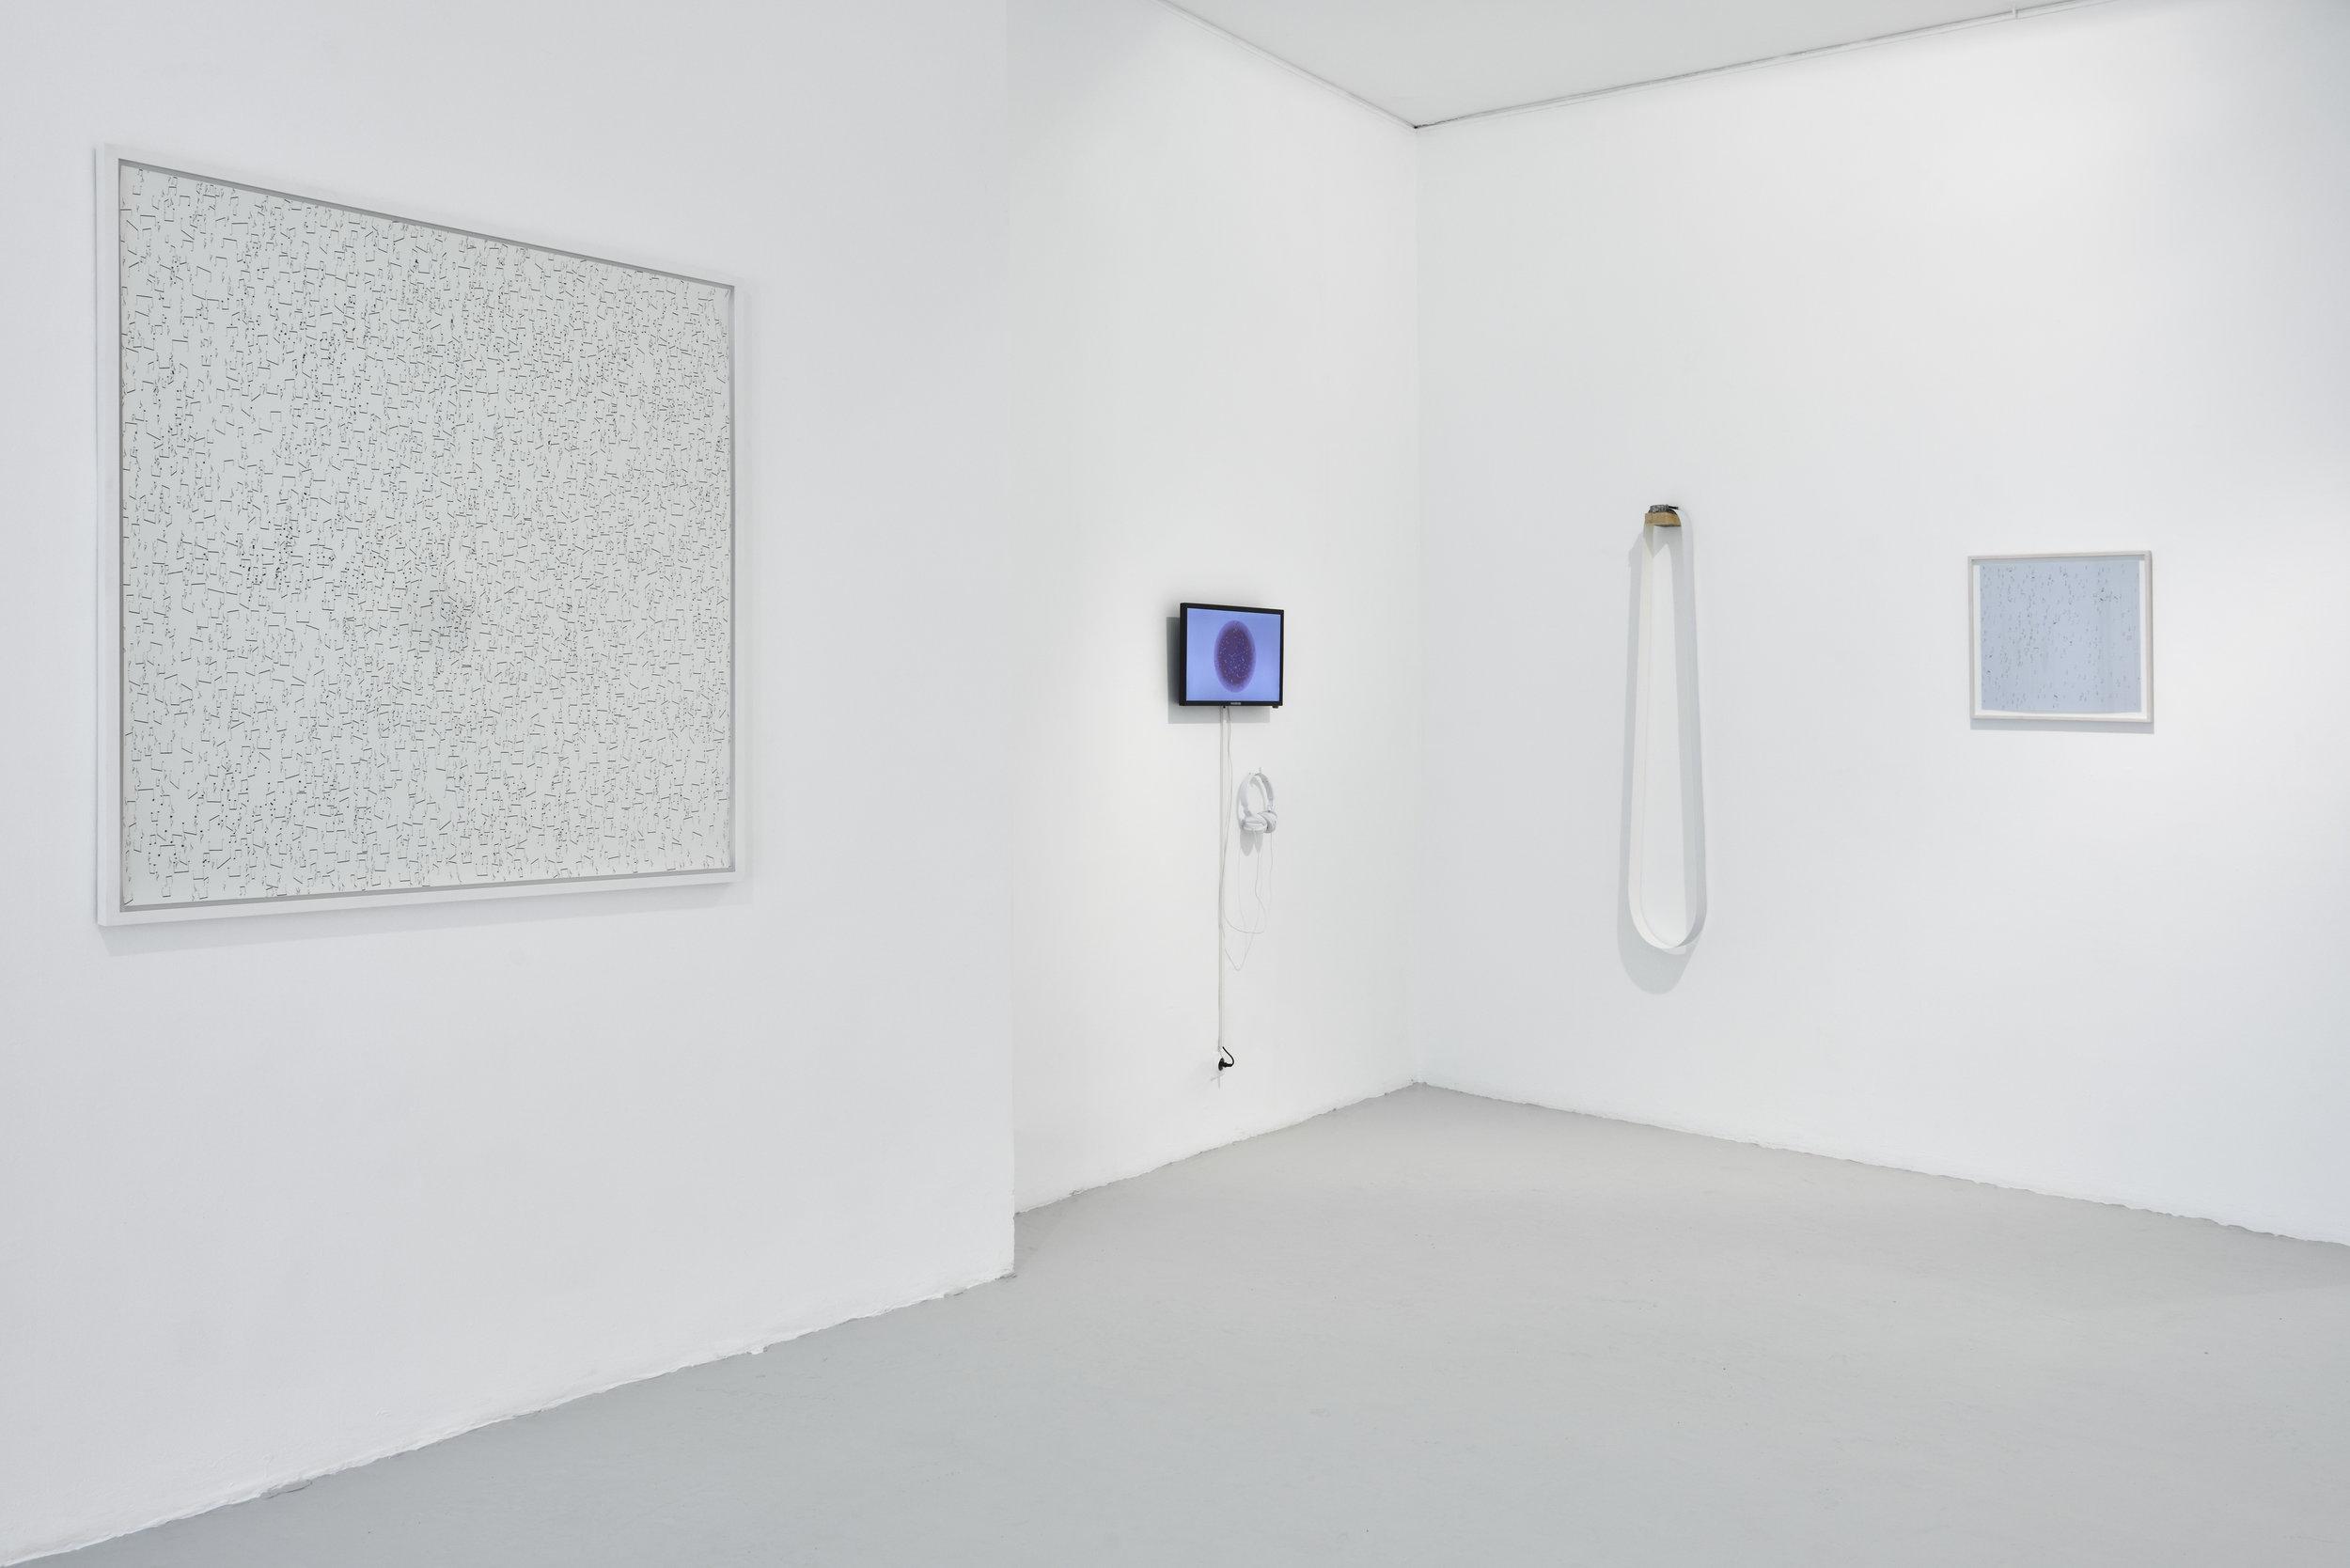 Vue d'ensemble de l'exposition Resonance by Etienne de Fleurieu à la Galerie du Jour Agnès b